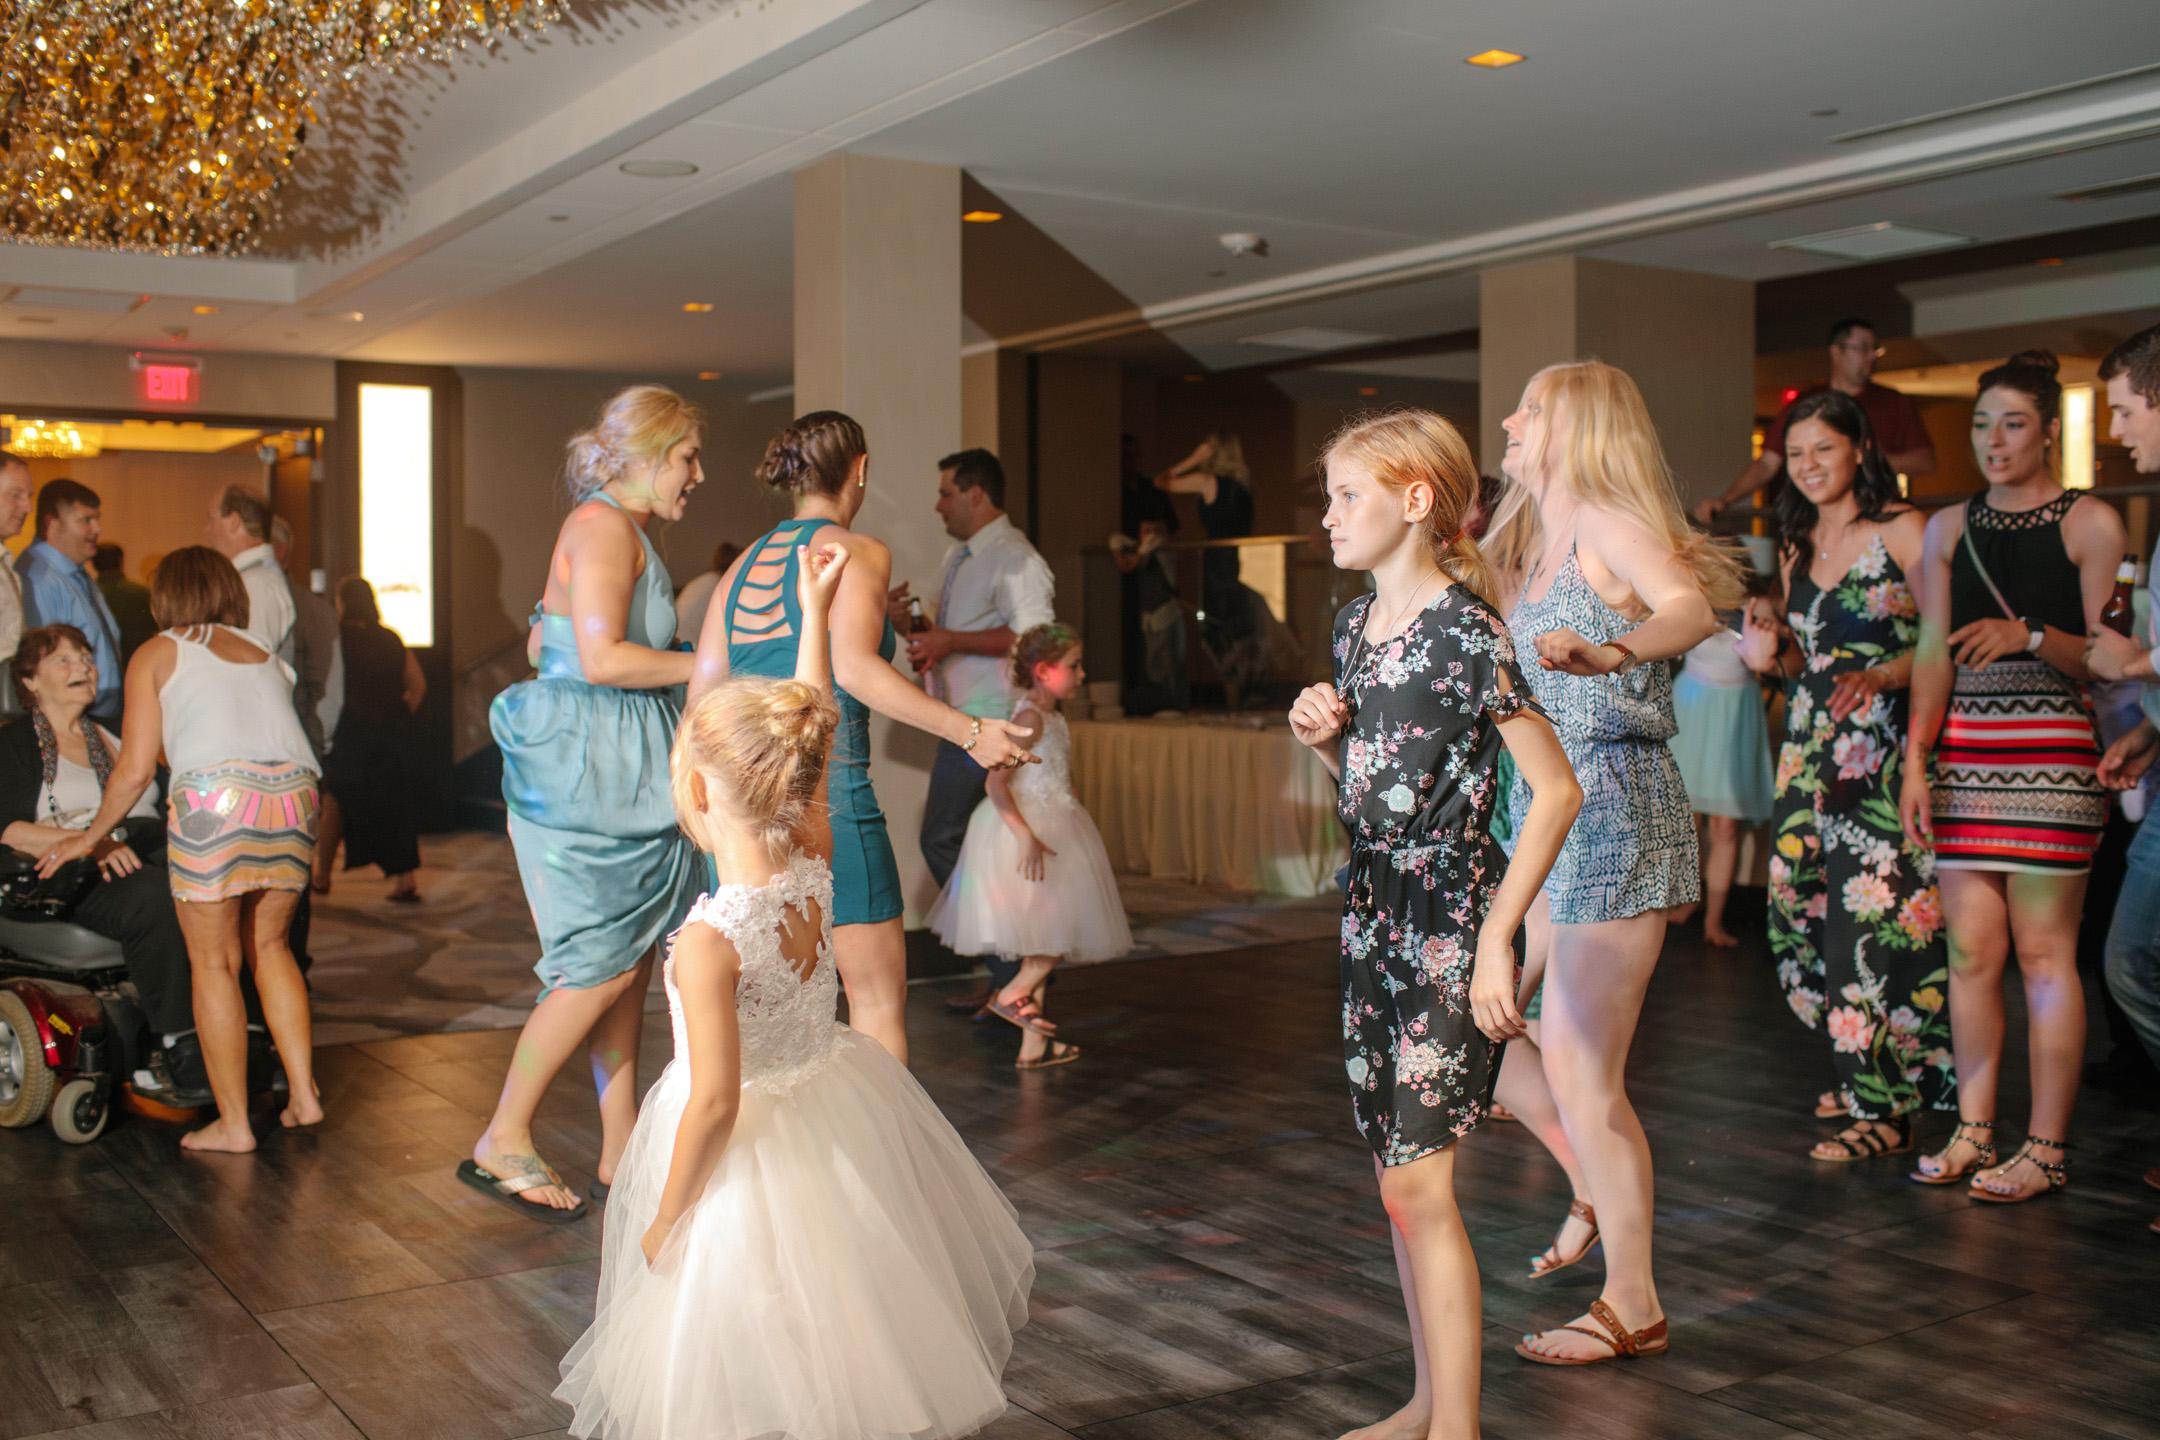 DANCE_PARTY-photos-wedding-des-moines-03